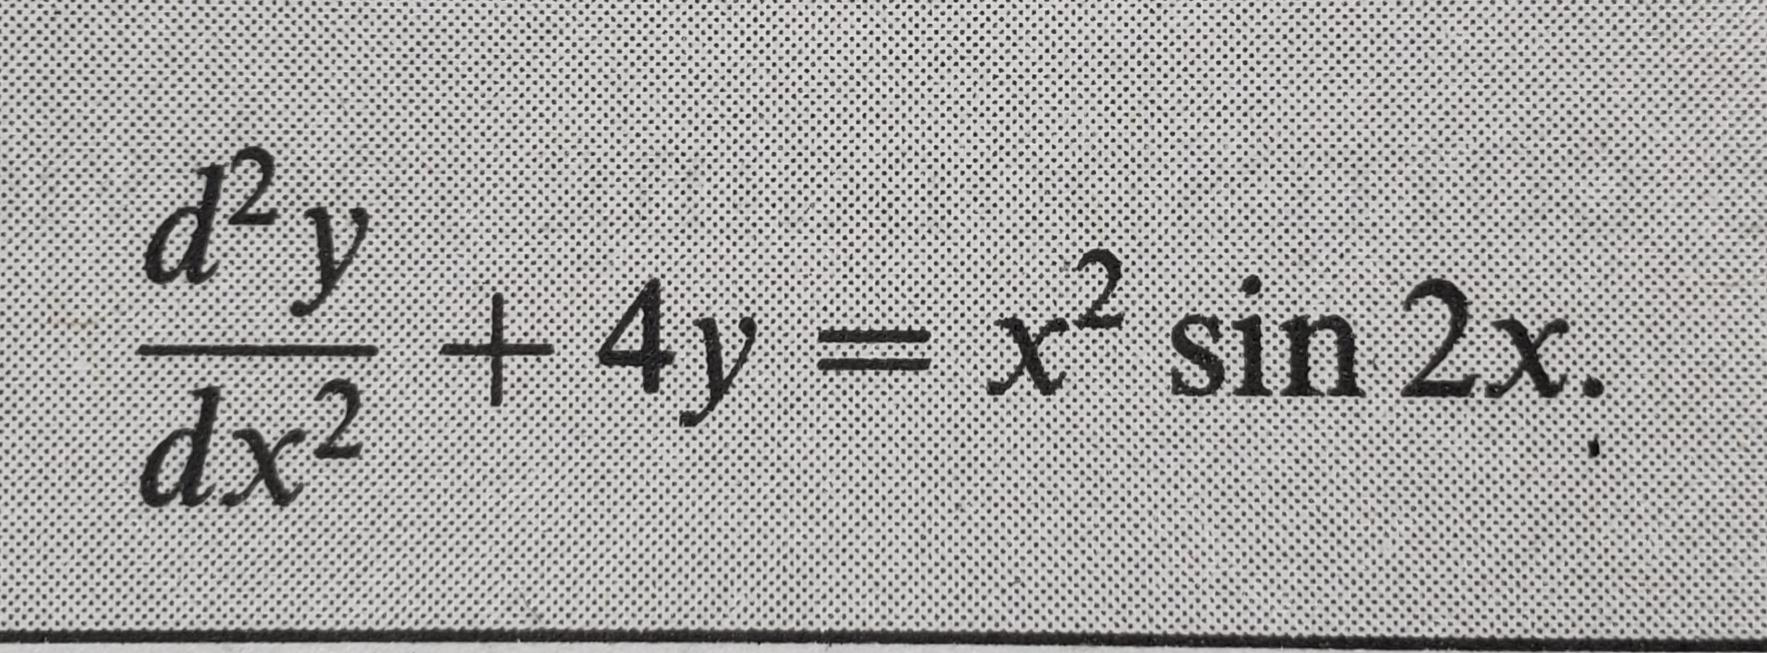 d2 dx2 2 +4y=x' sin 2x